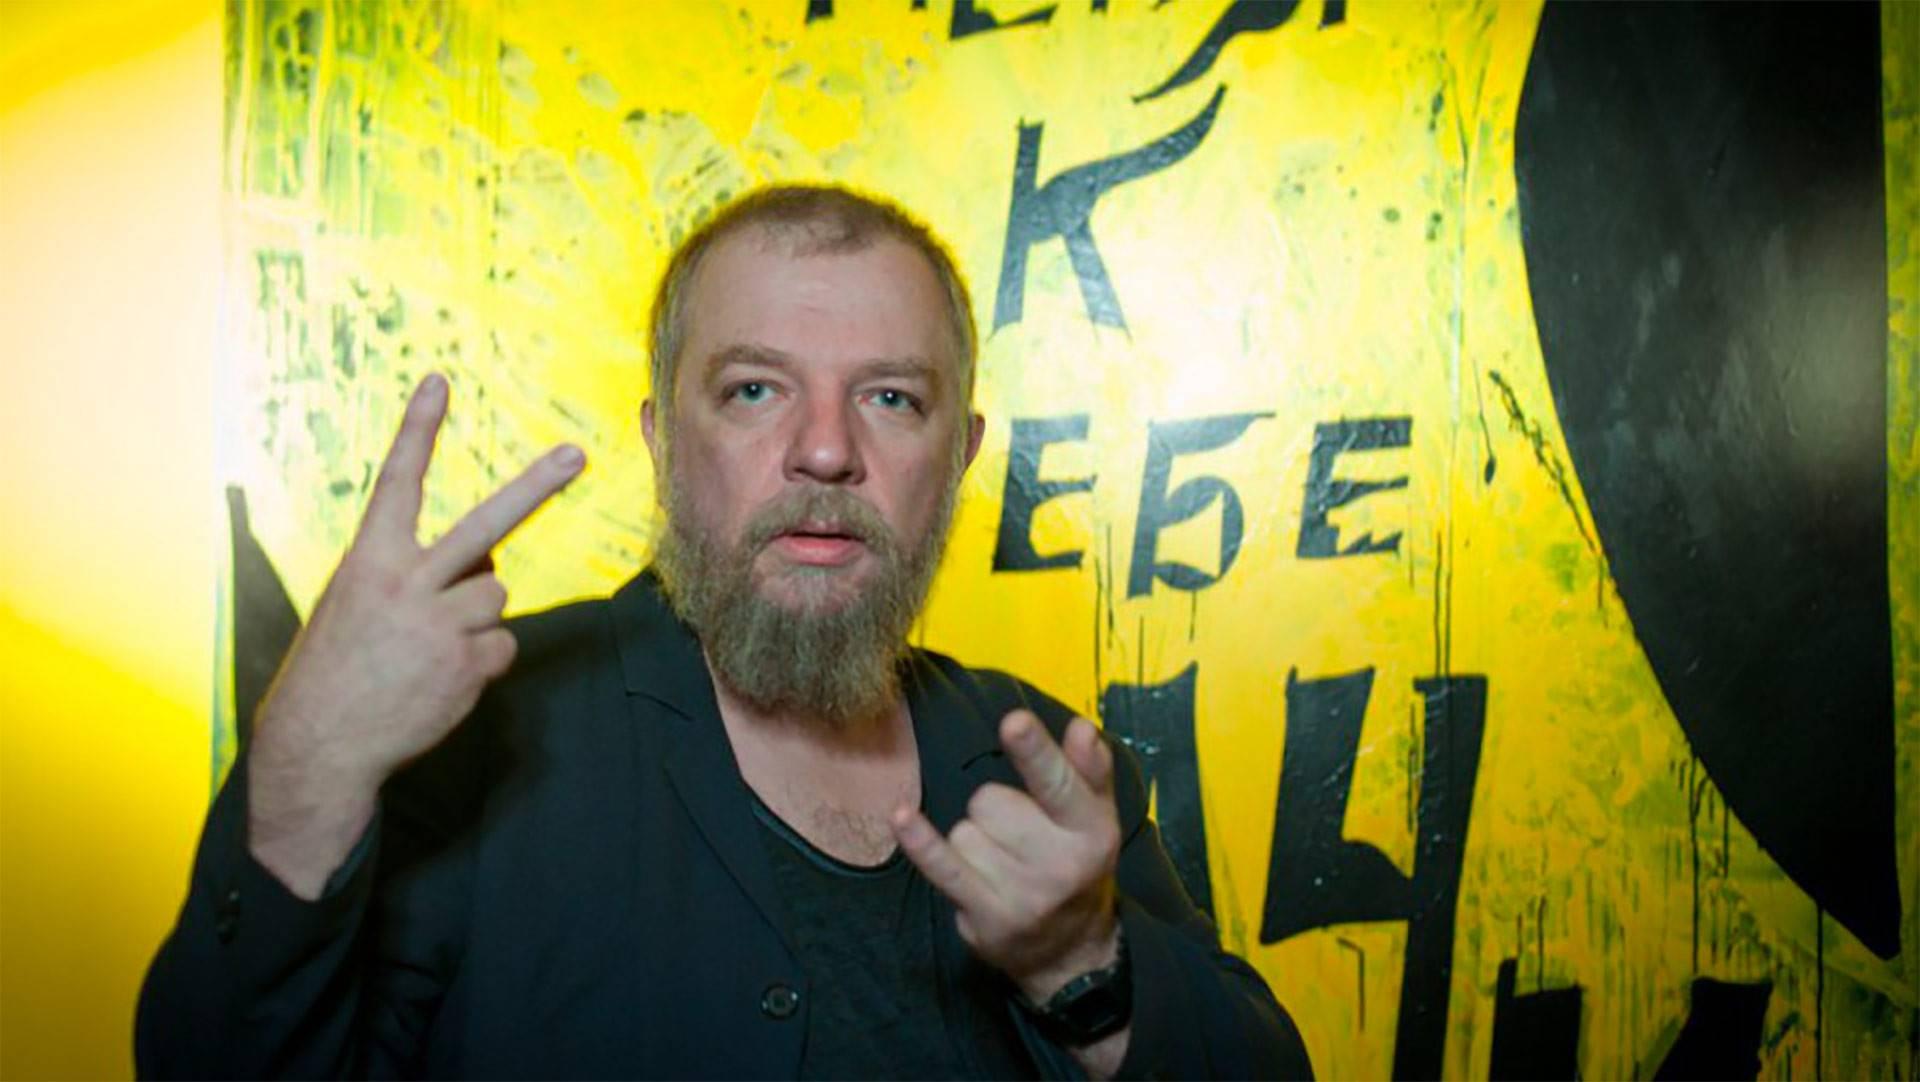 Сергей пахомов — биография эпатажного актера и экстрасенса